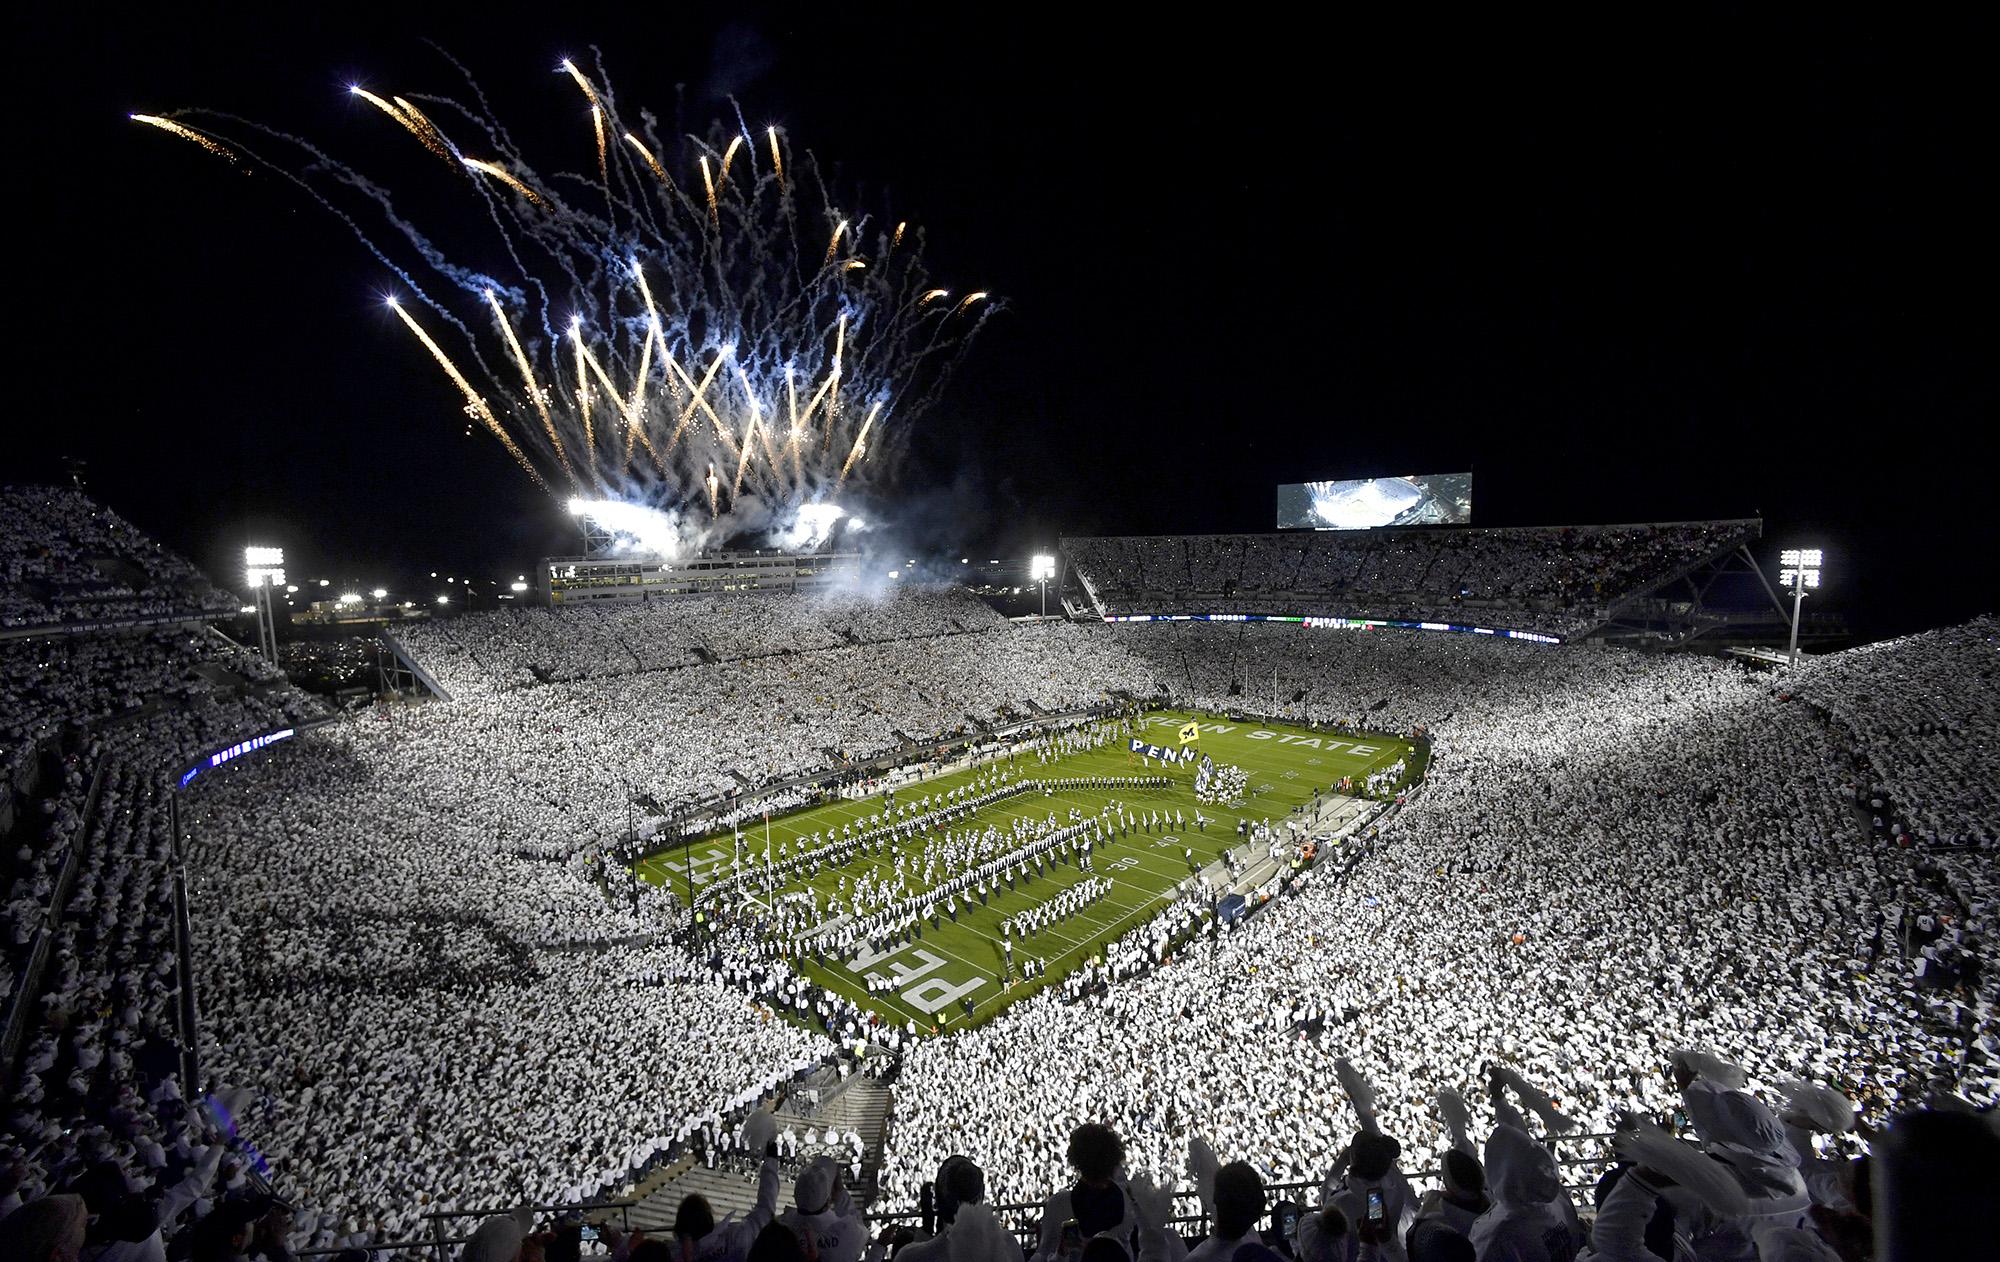 Michigan at Penn State